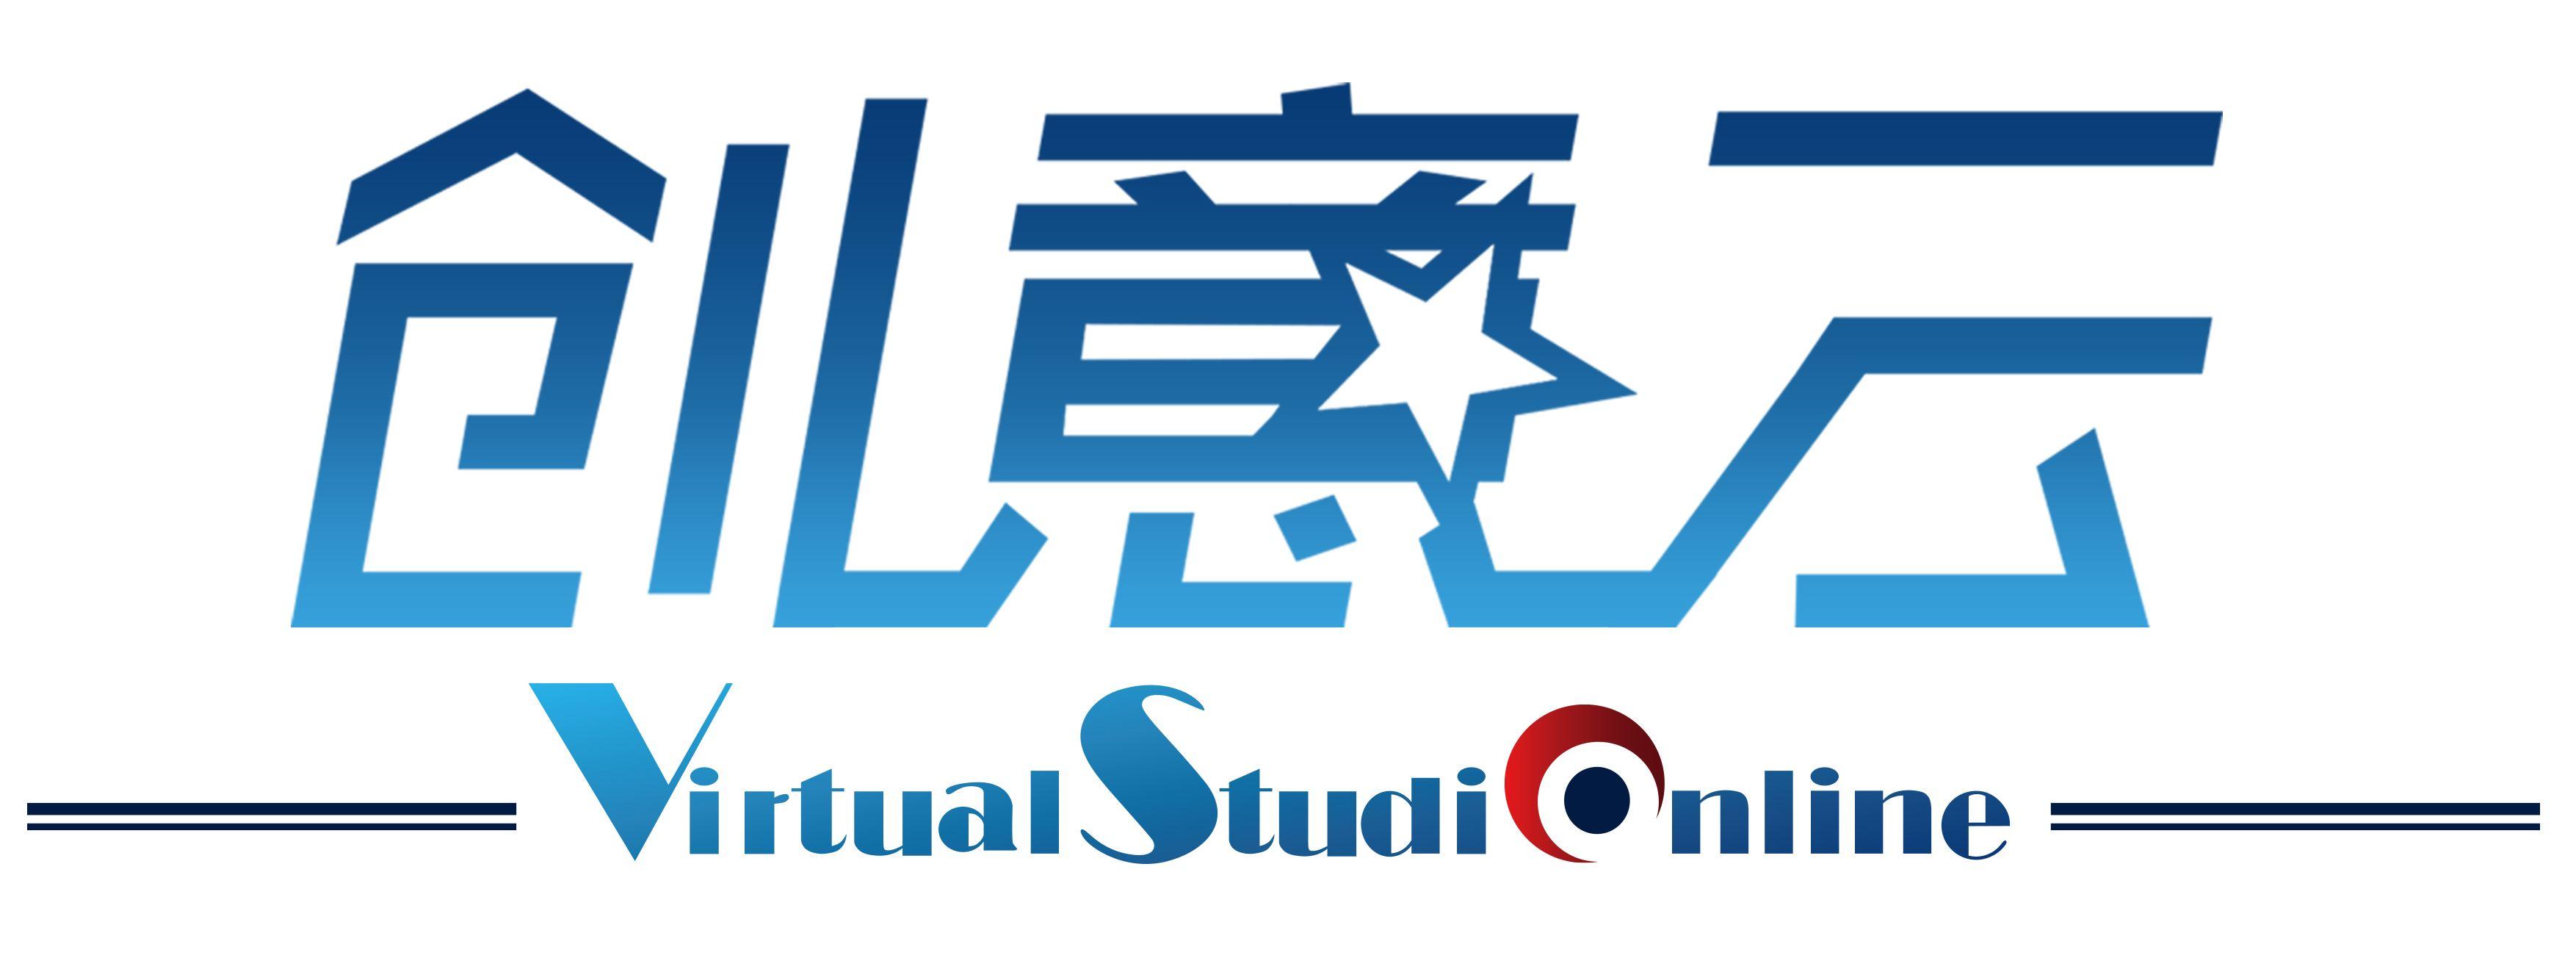 logo logo 标志 设计 矢量 矢量图 素材 图标 3508_1304